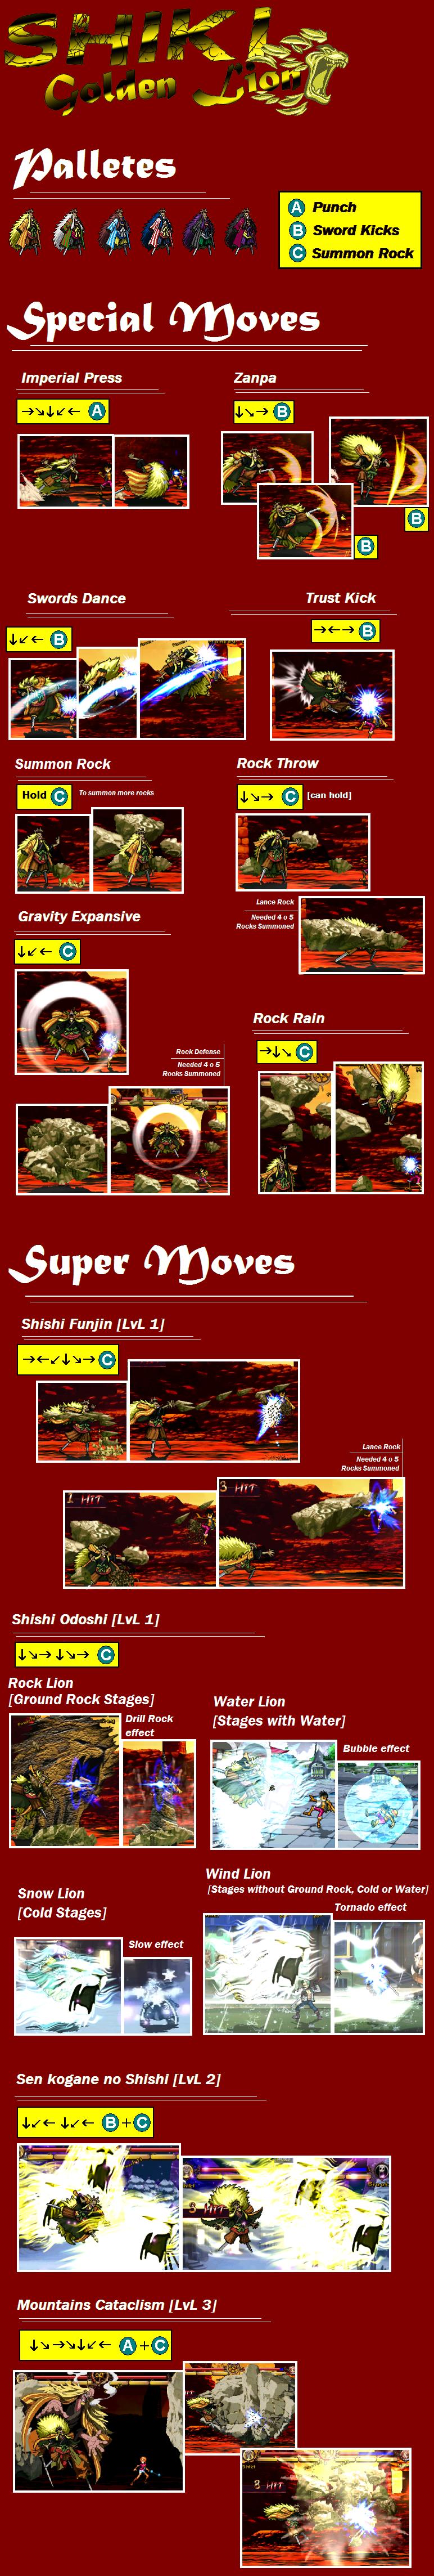 Shiki - One Piece Char 160525063700198015